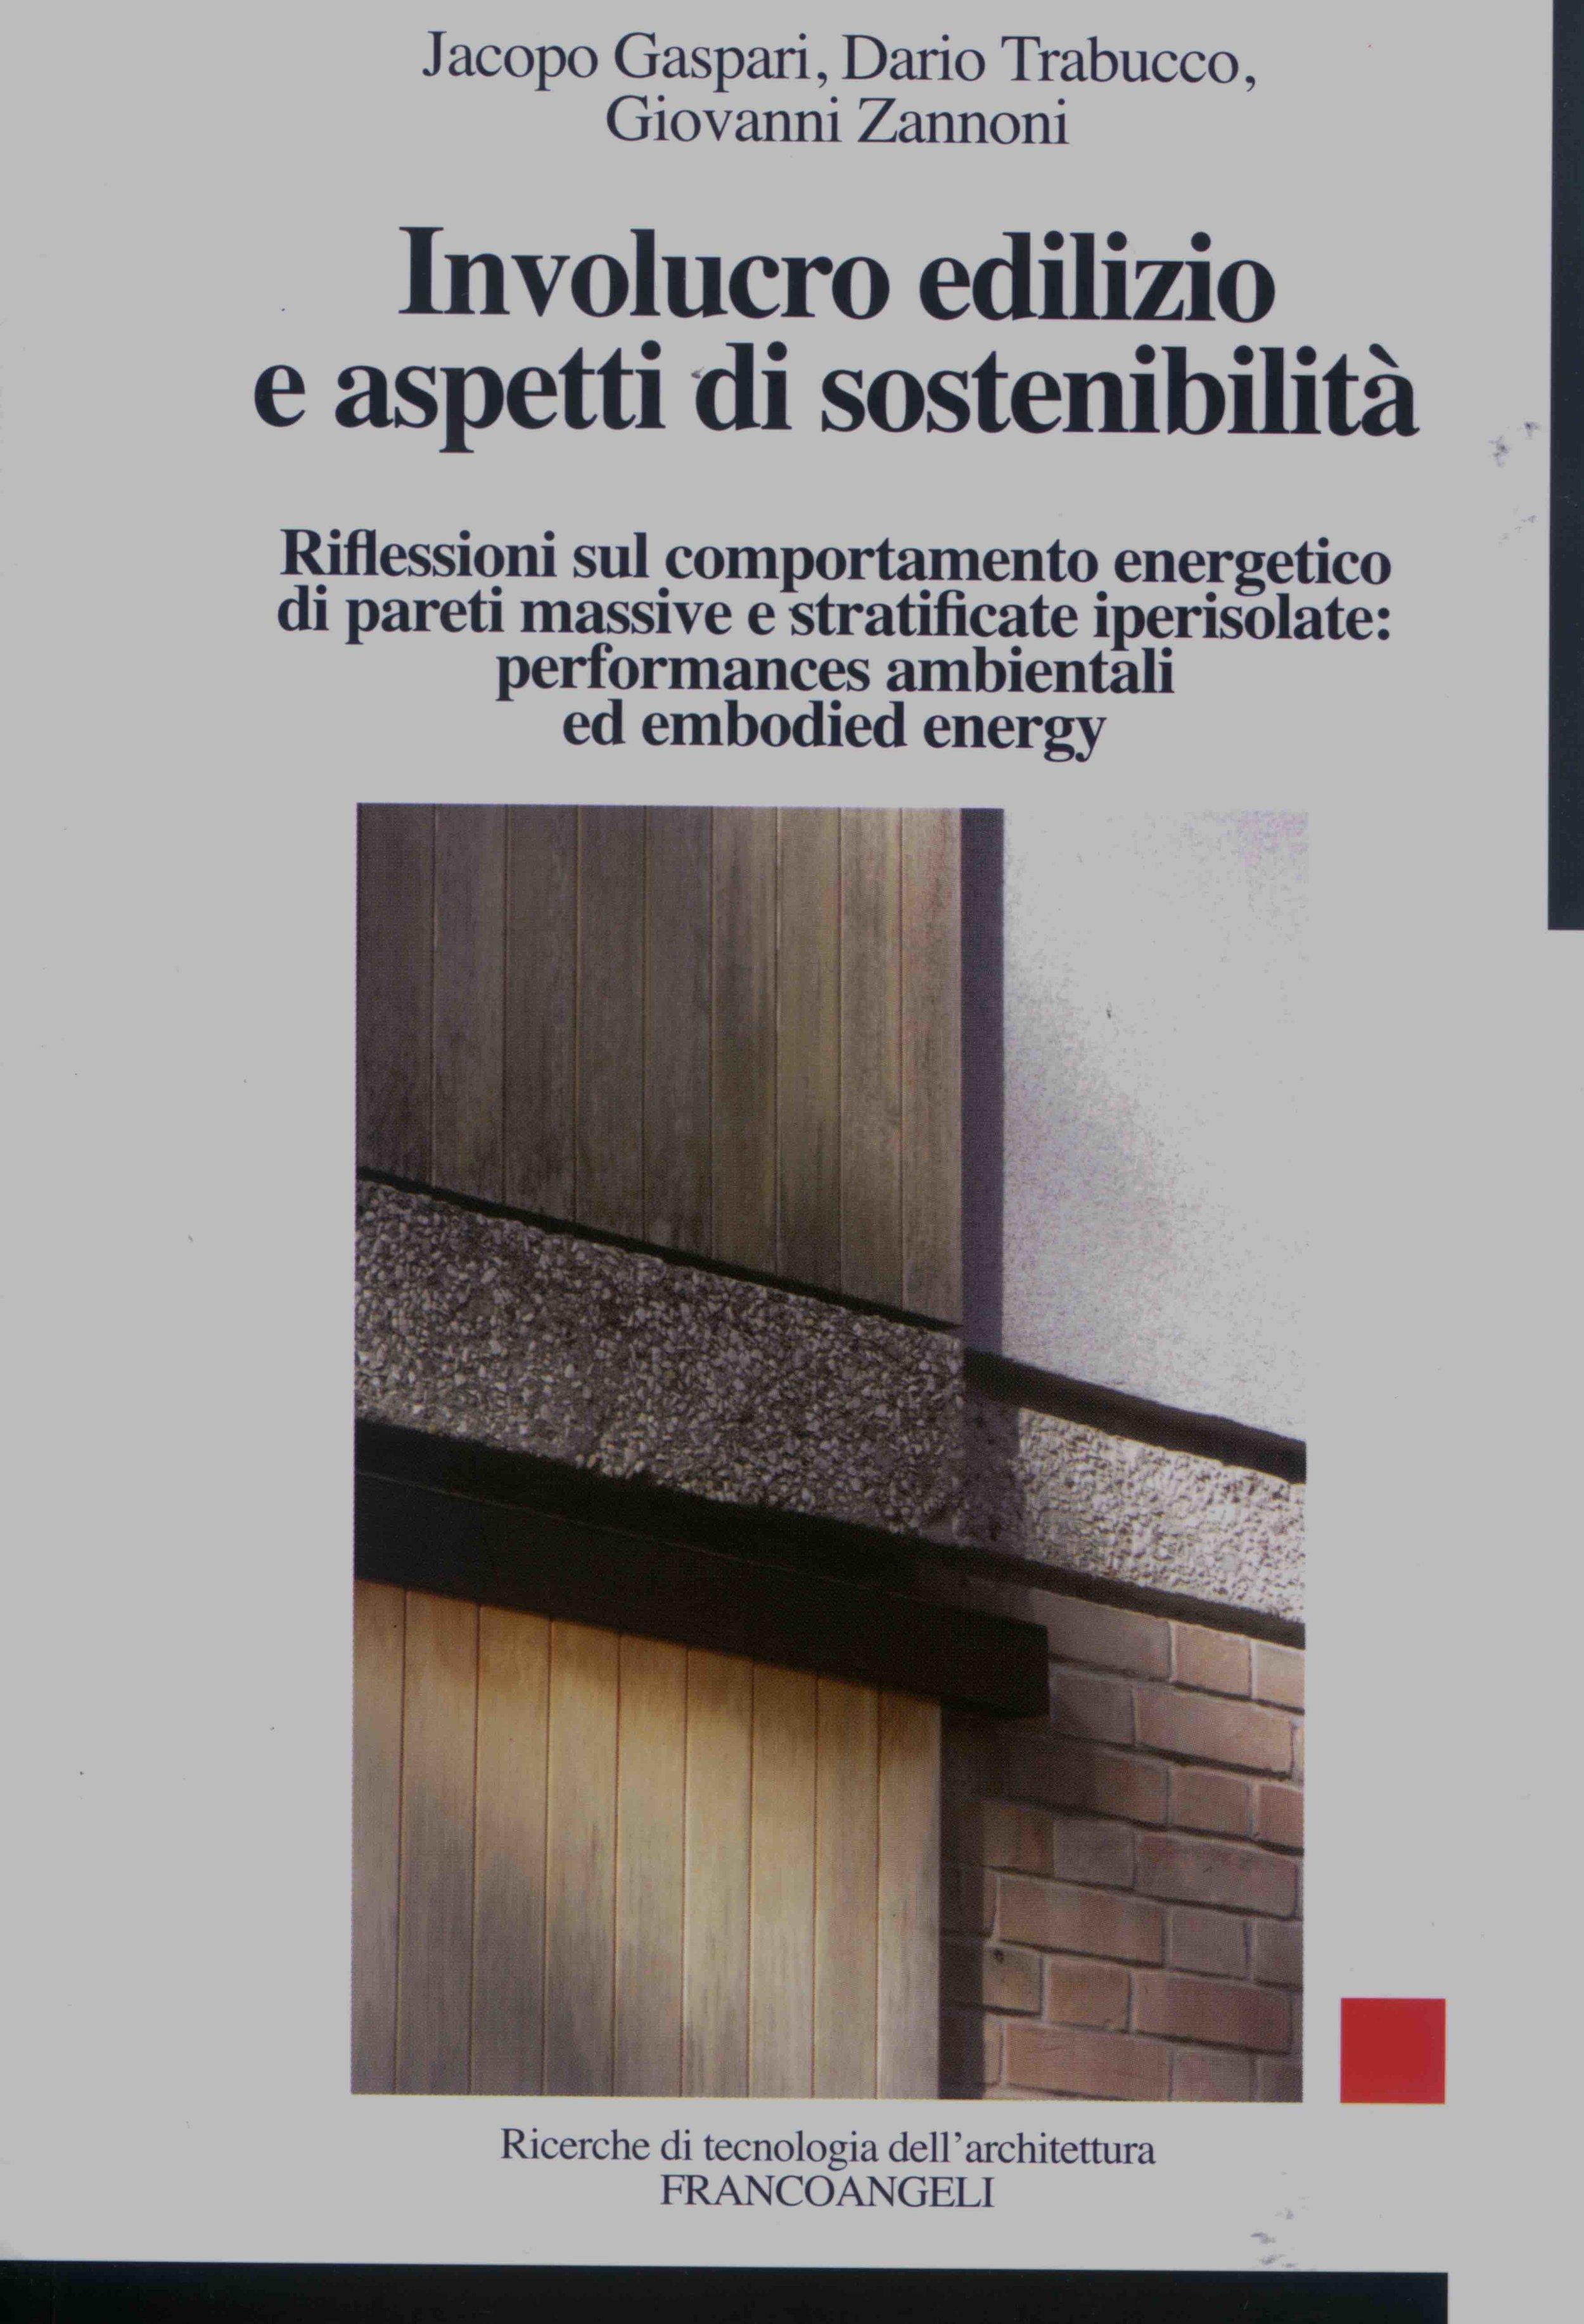 J. Gaspari, D. Trabucco, G. Cannoni, Involucro edilizio e aspetti di sostenibilità, Franco Angeli, Milano, 2010